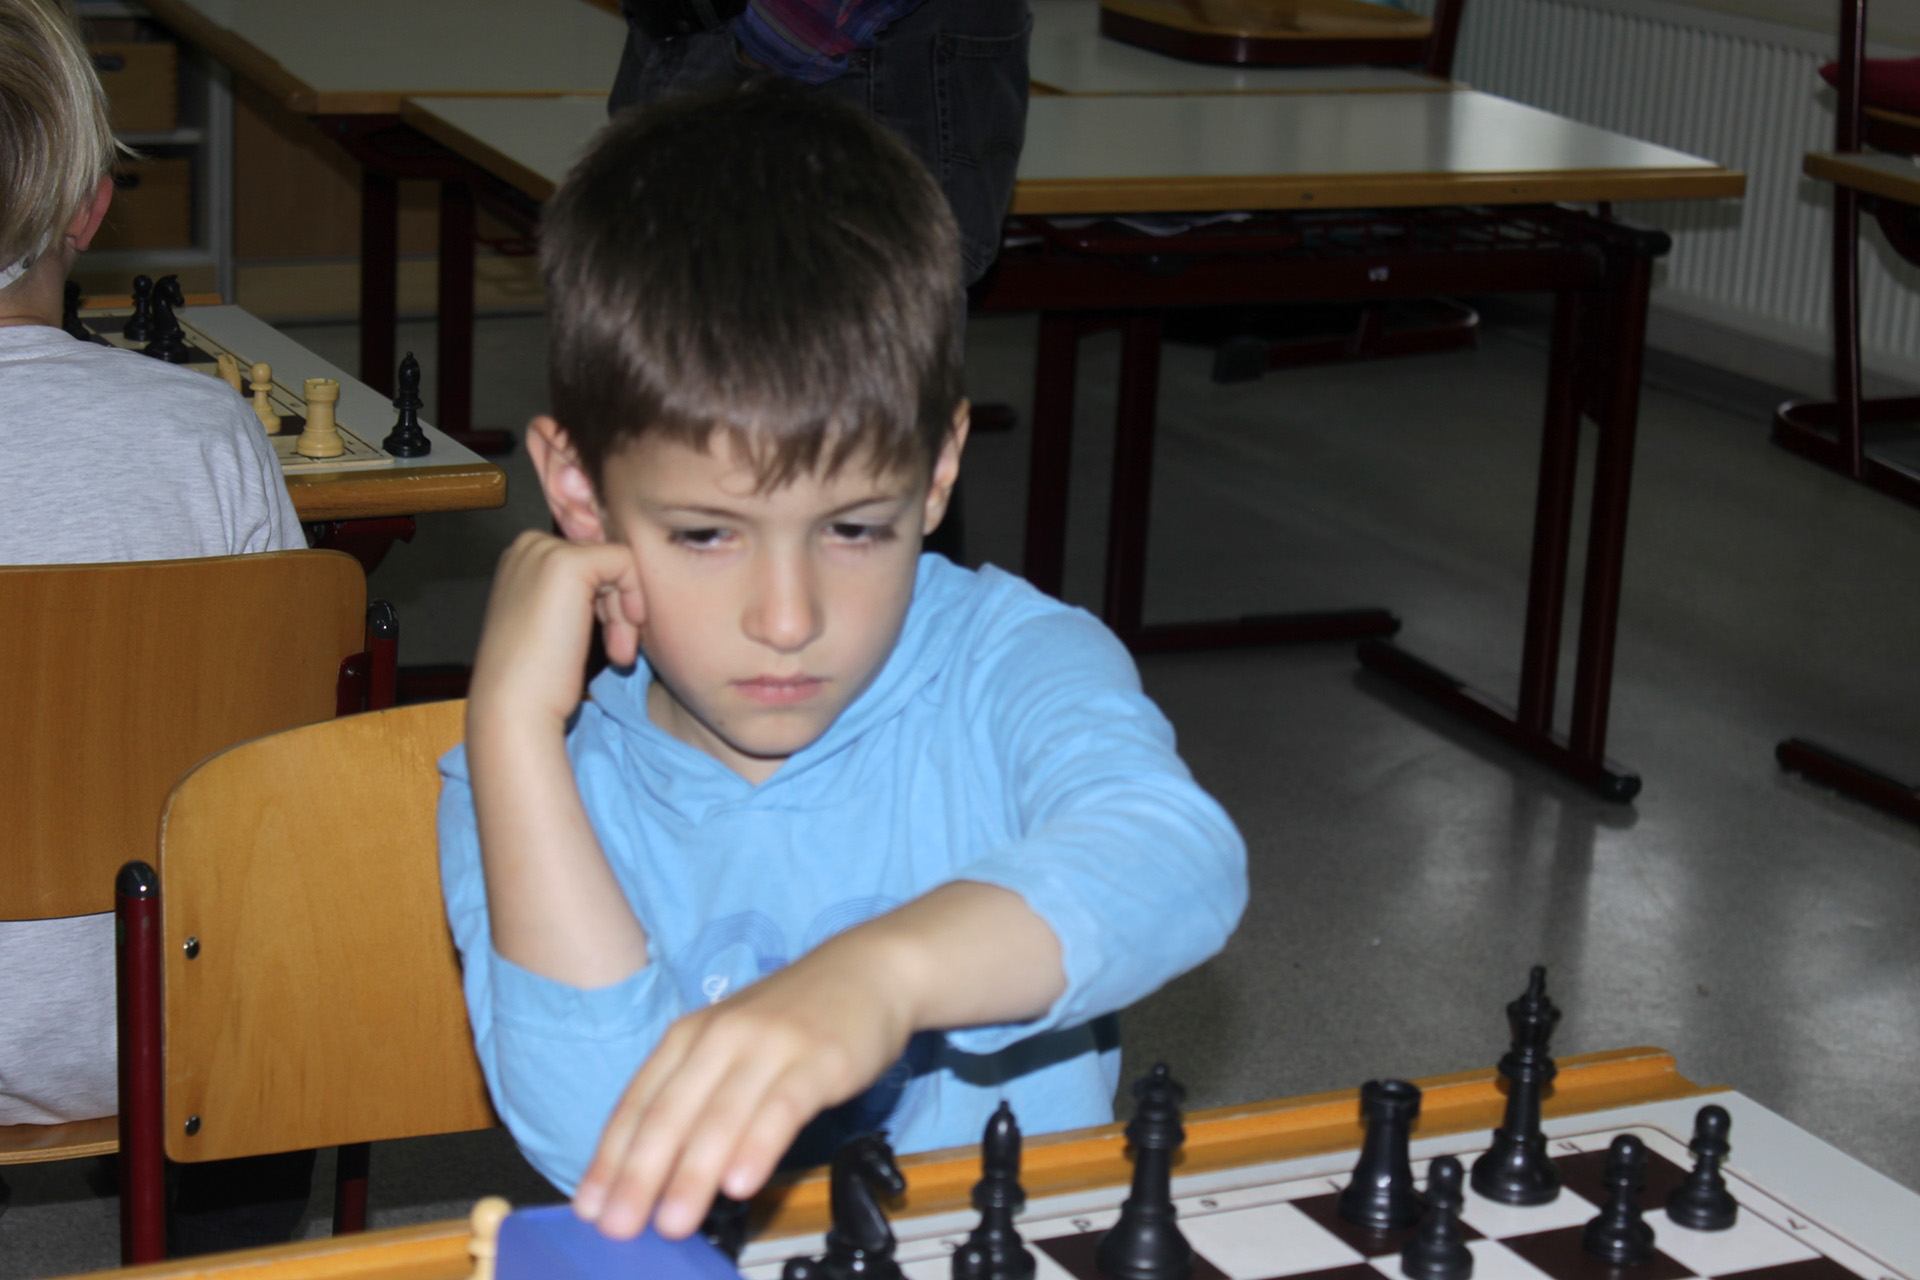 Greizer Schachlöwe Kötöny Kunos gewinnt Schulmeisterschaft 2018/2019 der Lessing-Grundschule